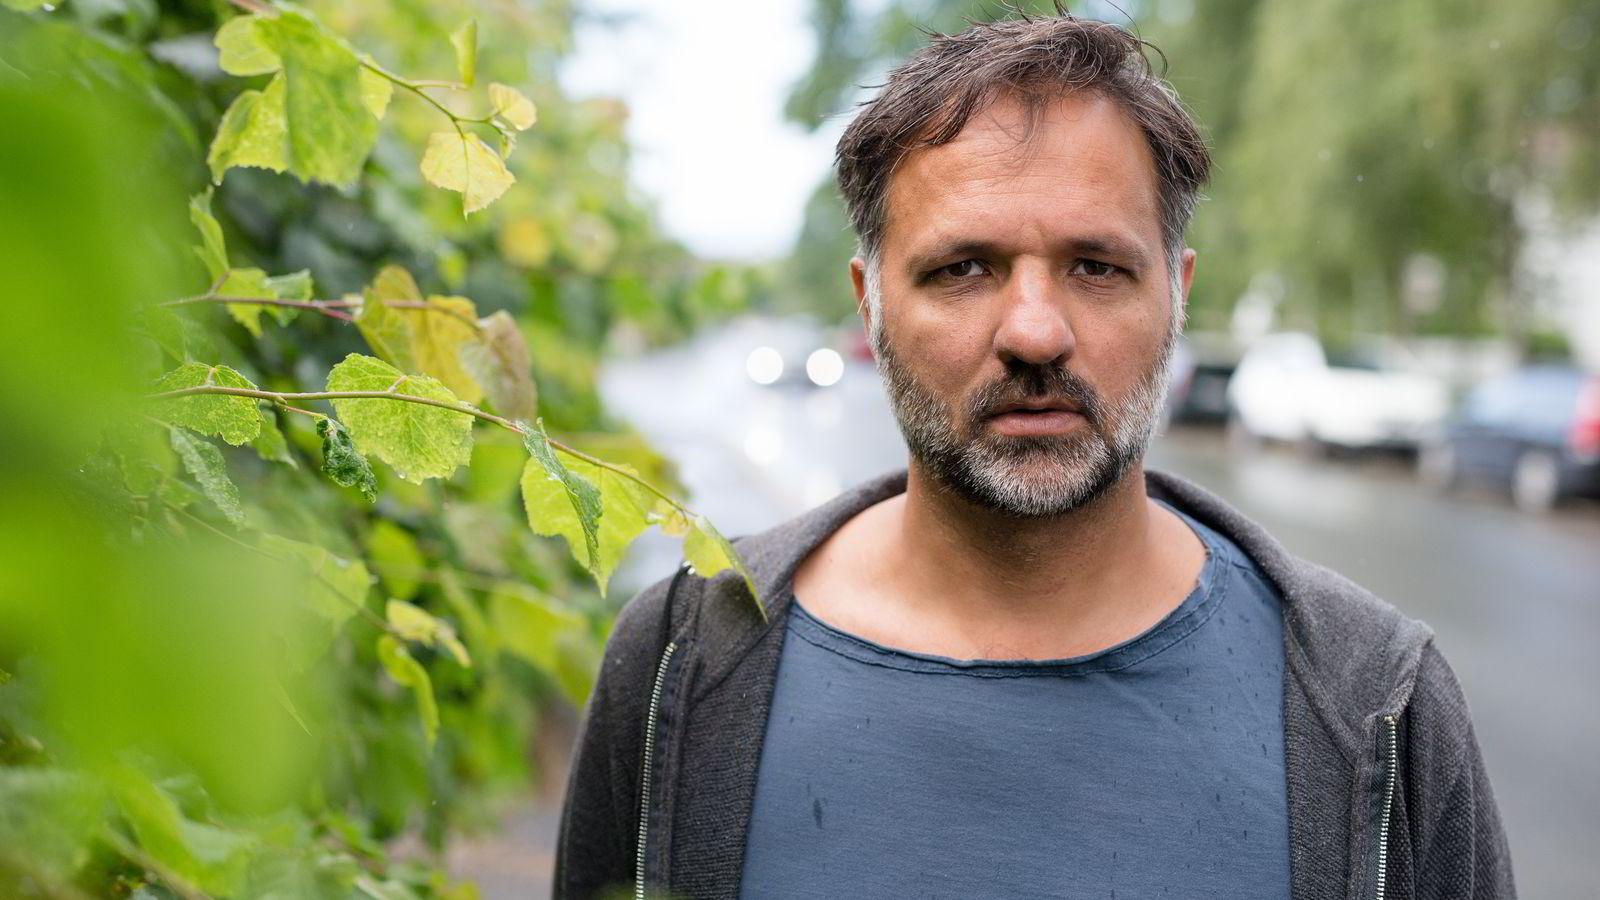 Filmregissør Ulrik Imitaz Rolfsen ønsket ikke at PST skulle få se gjennom videomateriale som ble beslagtlagt i hans hjem i juni i fjor. Foto: Audun Braastad/